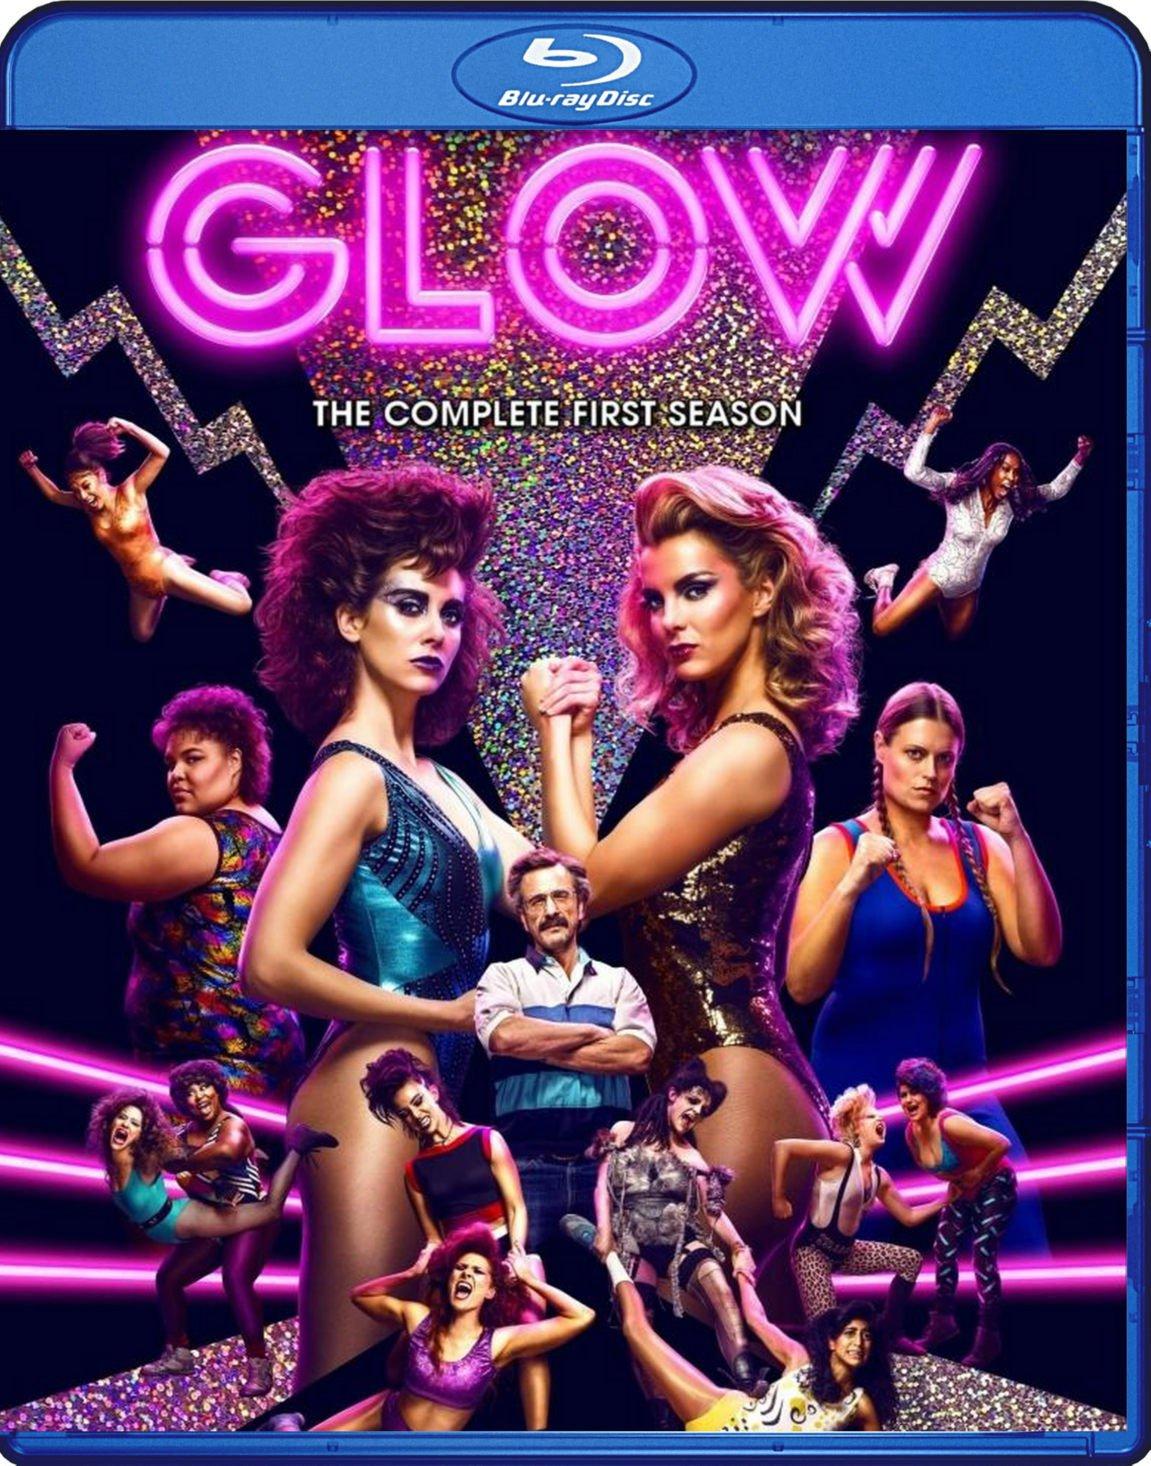 GLOW Blu-Ray [2017] The Complete Season 1